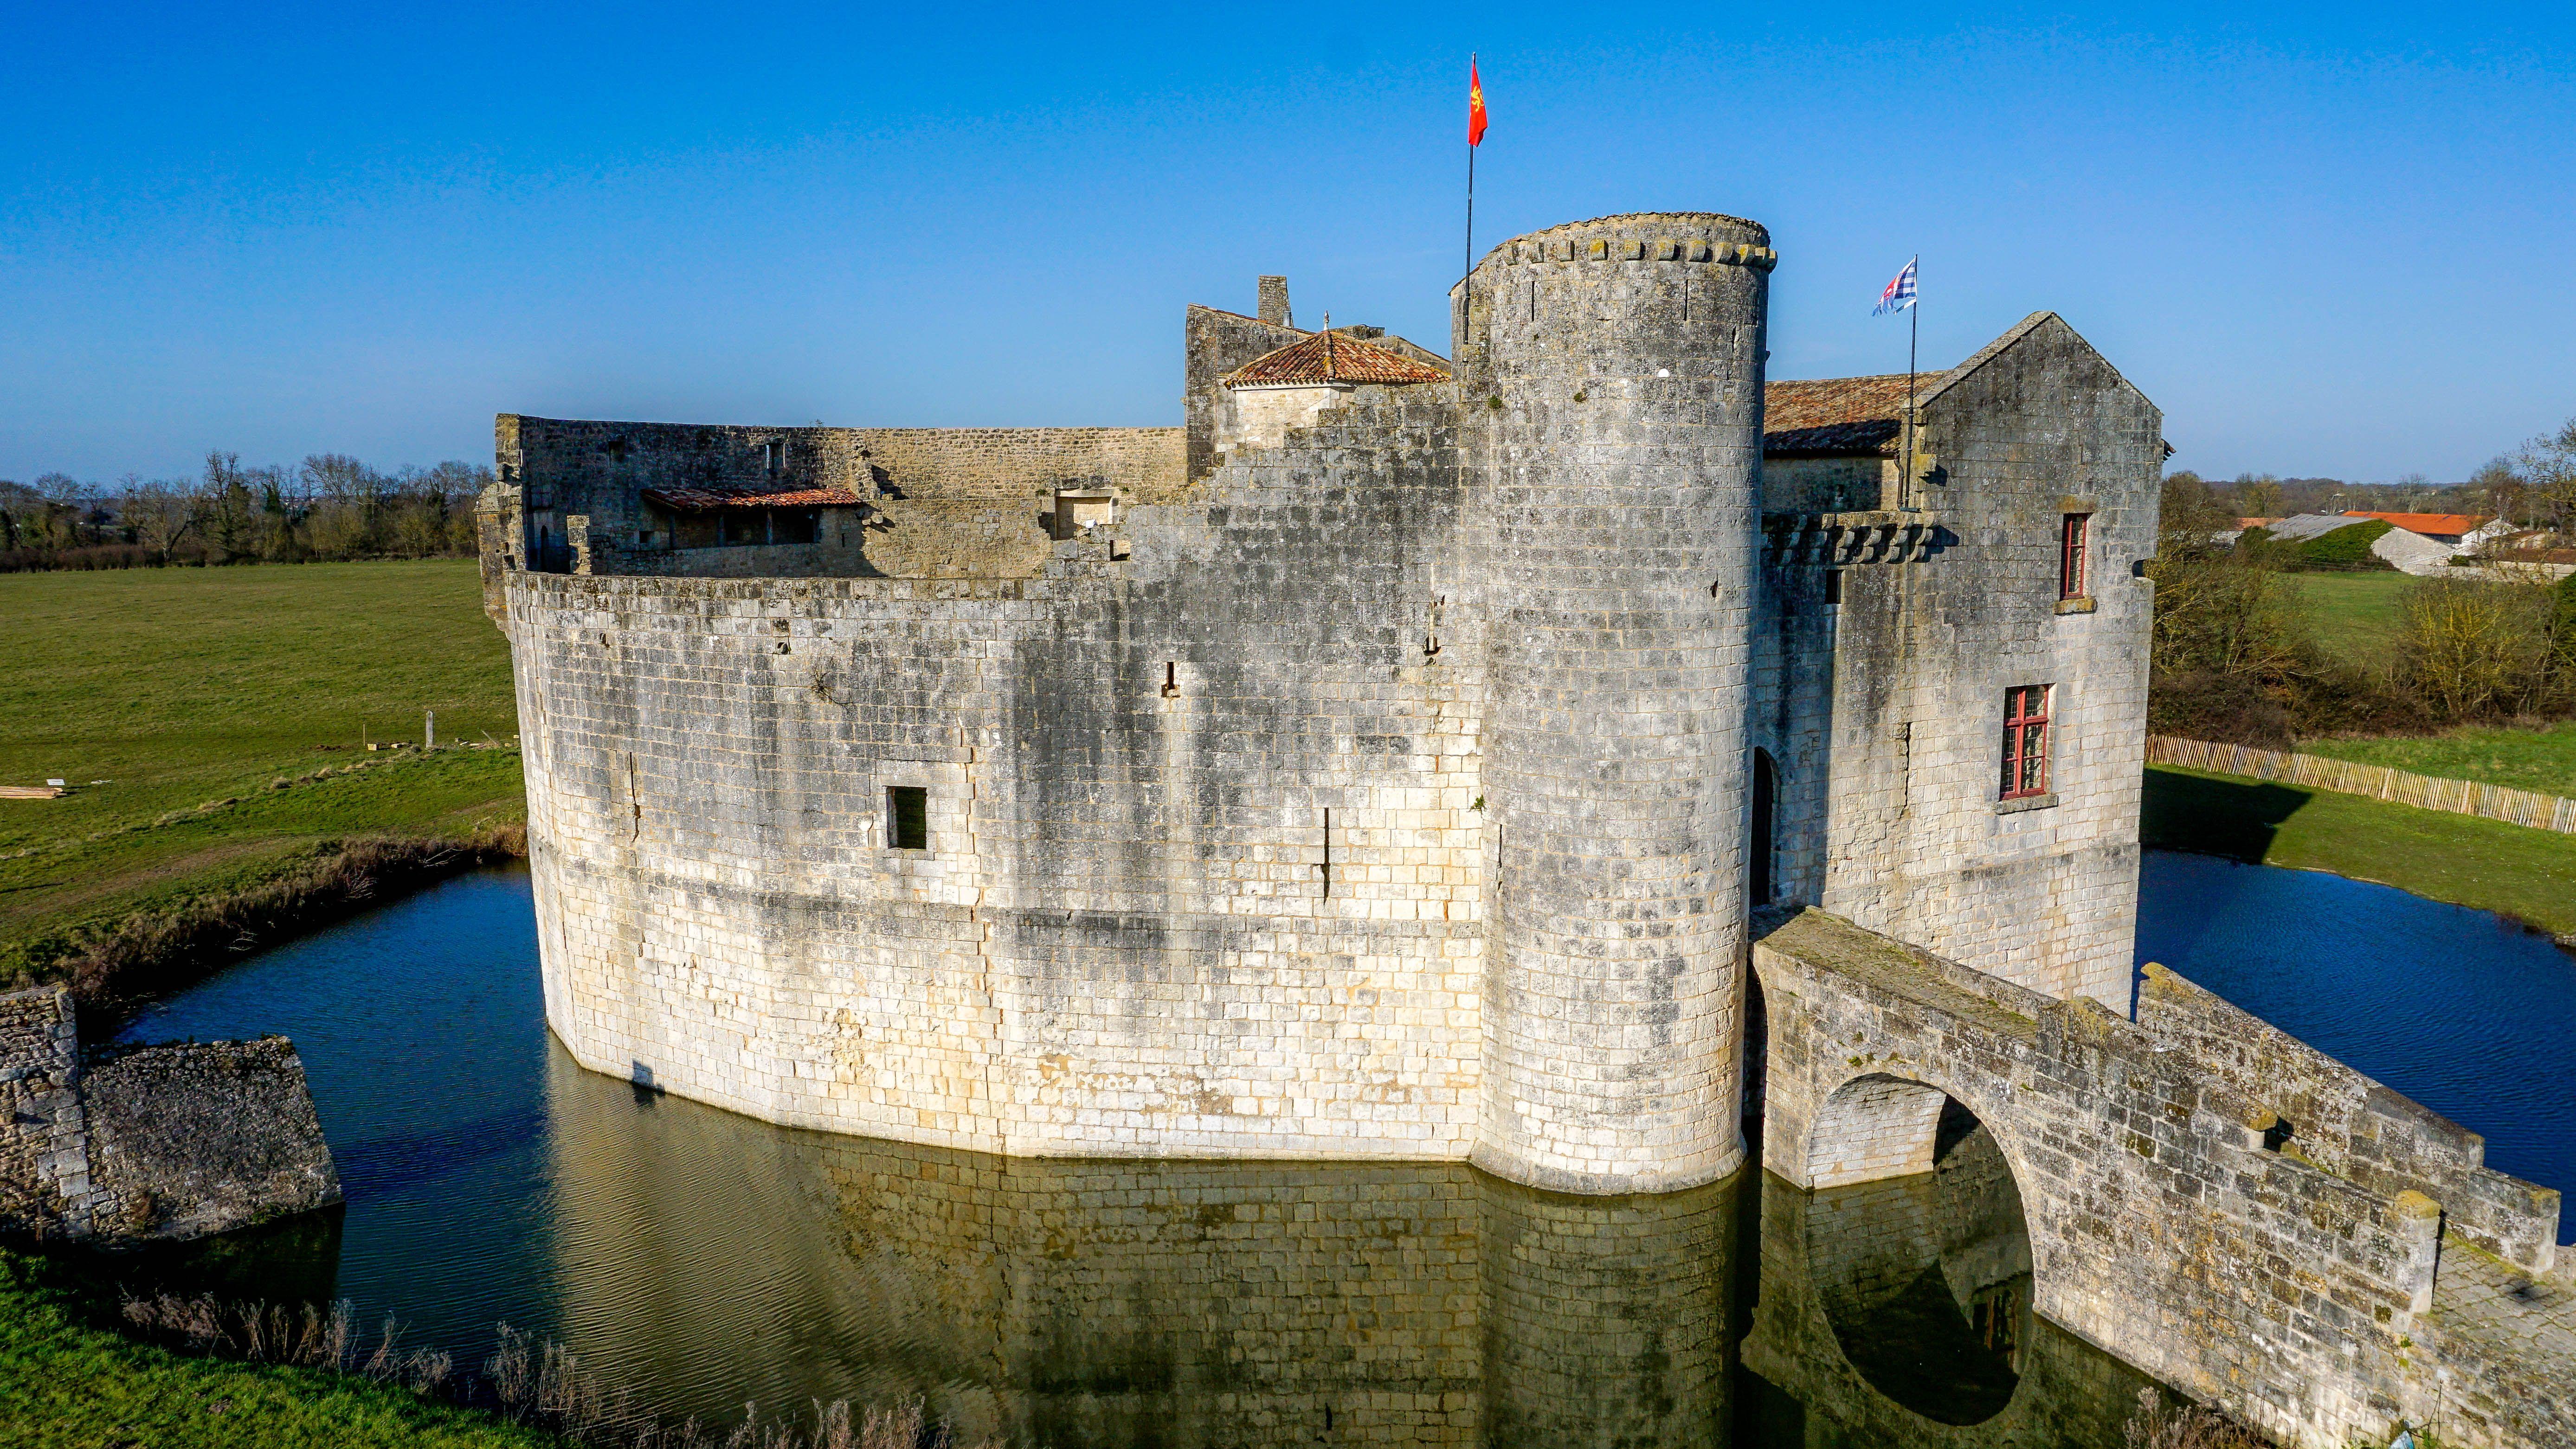 chateau fort de saint jean d angle 5552 3124 1er art france ch teaux co. Black Bedroom Furniture Sets. Home Design Ideas